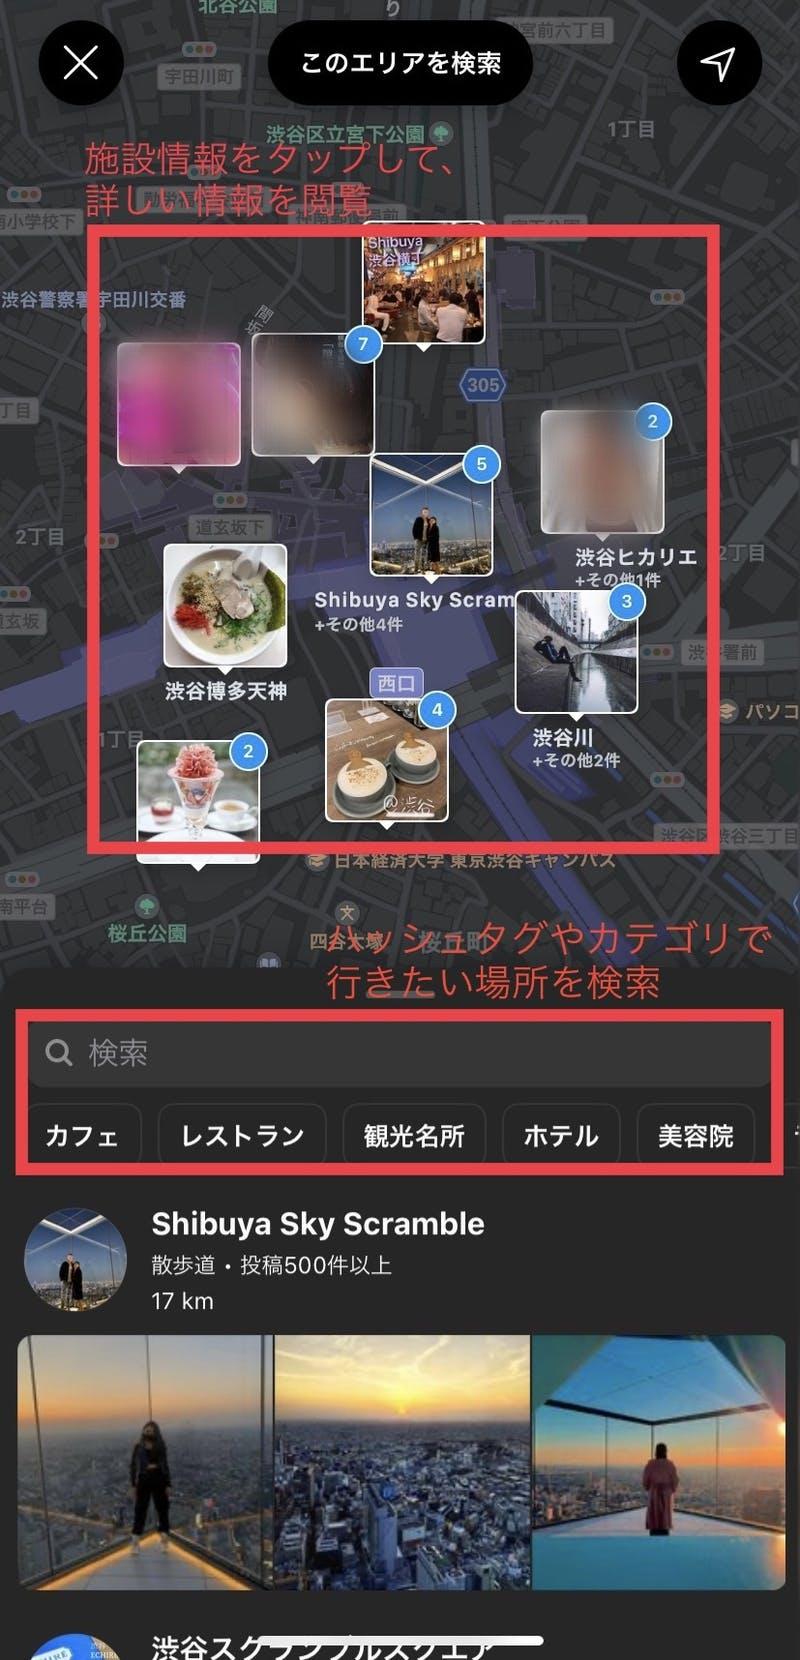 地図を見ながら施設情報の閲覧・検索が可能 Instagram